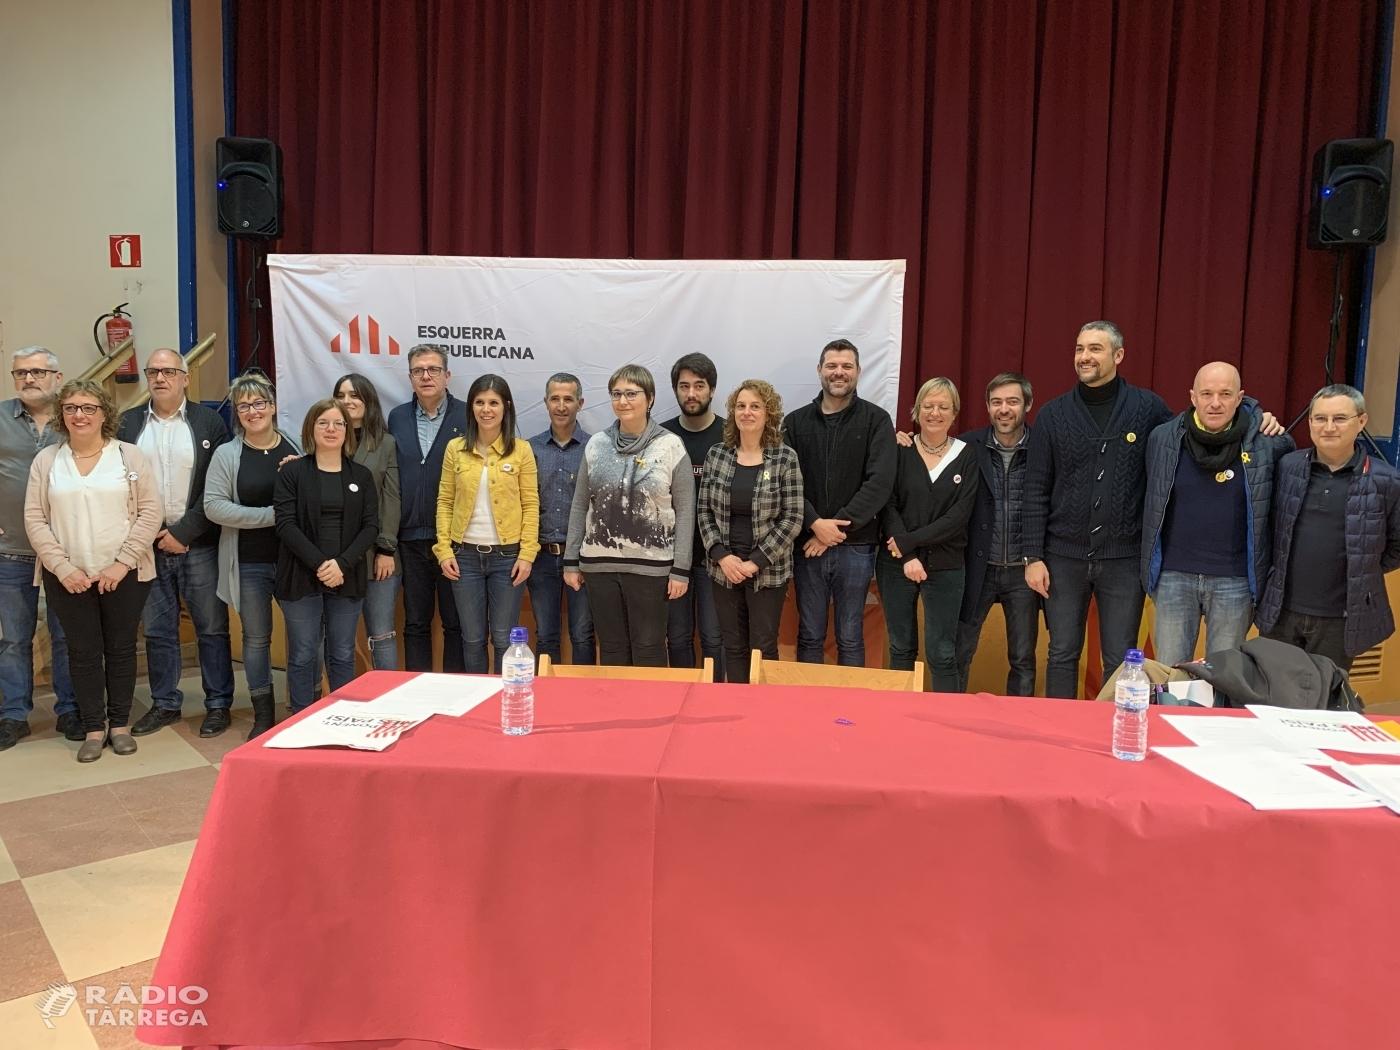 La Federació Regional de Lleida d'ERC escull a Miquel Serra com a president i a Montserrat Fornells com a secretària general a Sant Martí de Maldà